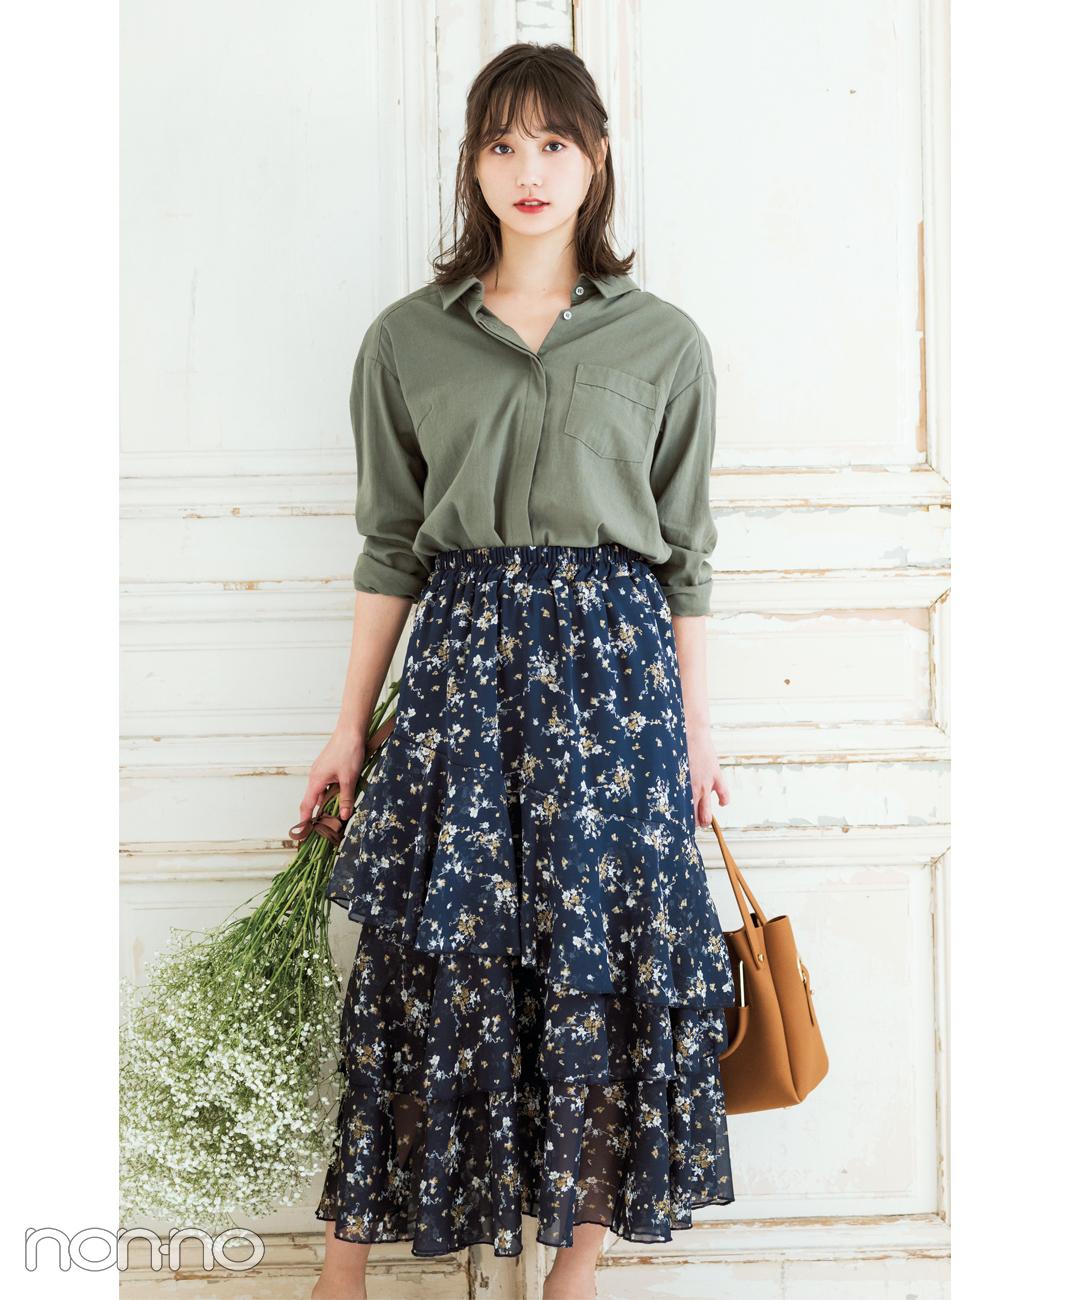 【2018秋冬スカートコーデ】ロングスカート×カーキシャツ